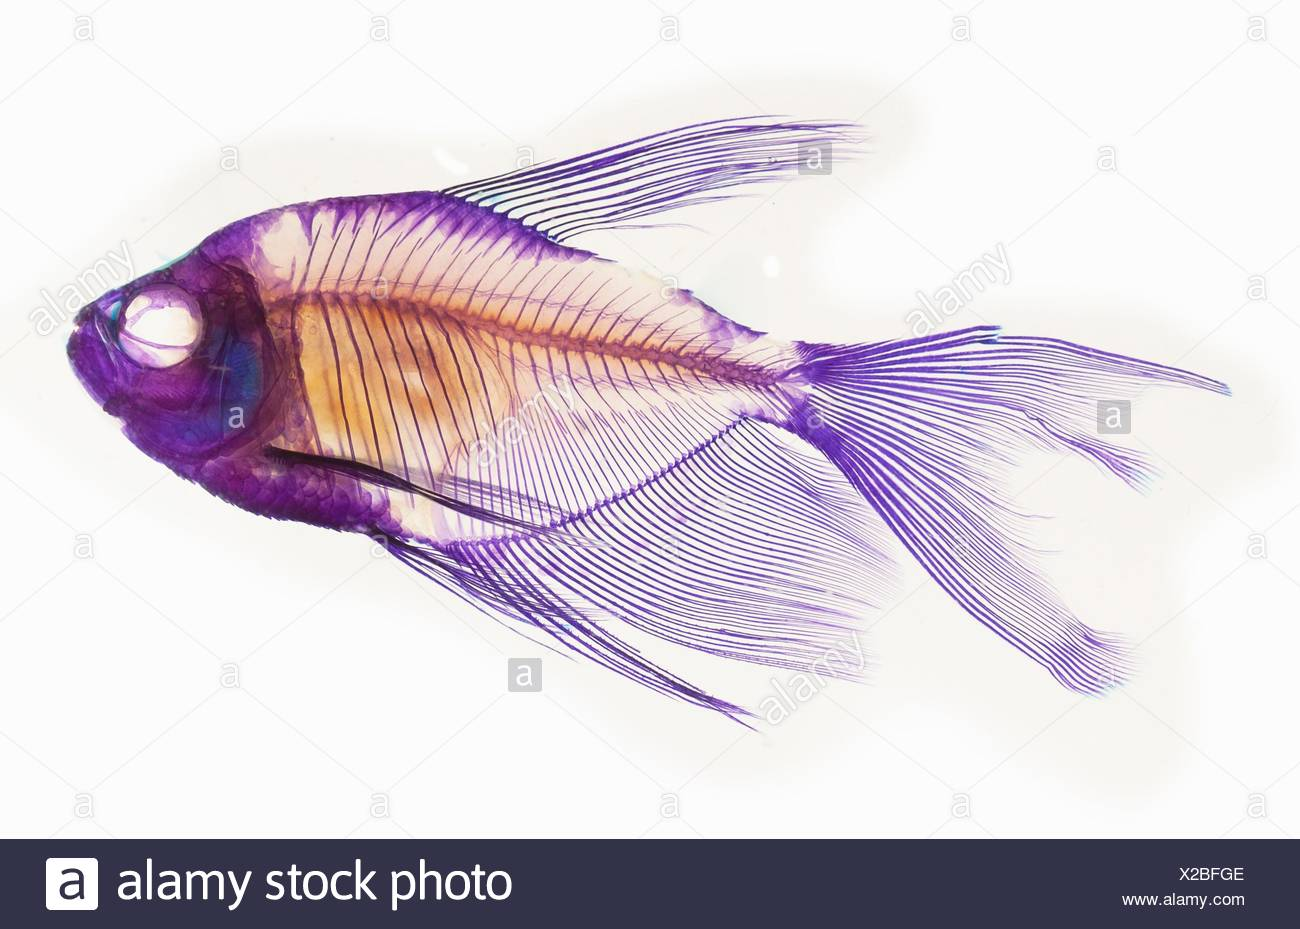 Ausgezeichnet Regenbogen Fisch Färbung Seite Vorlage Galerie ...